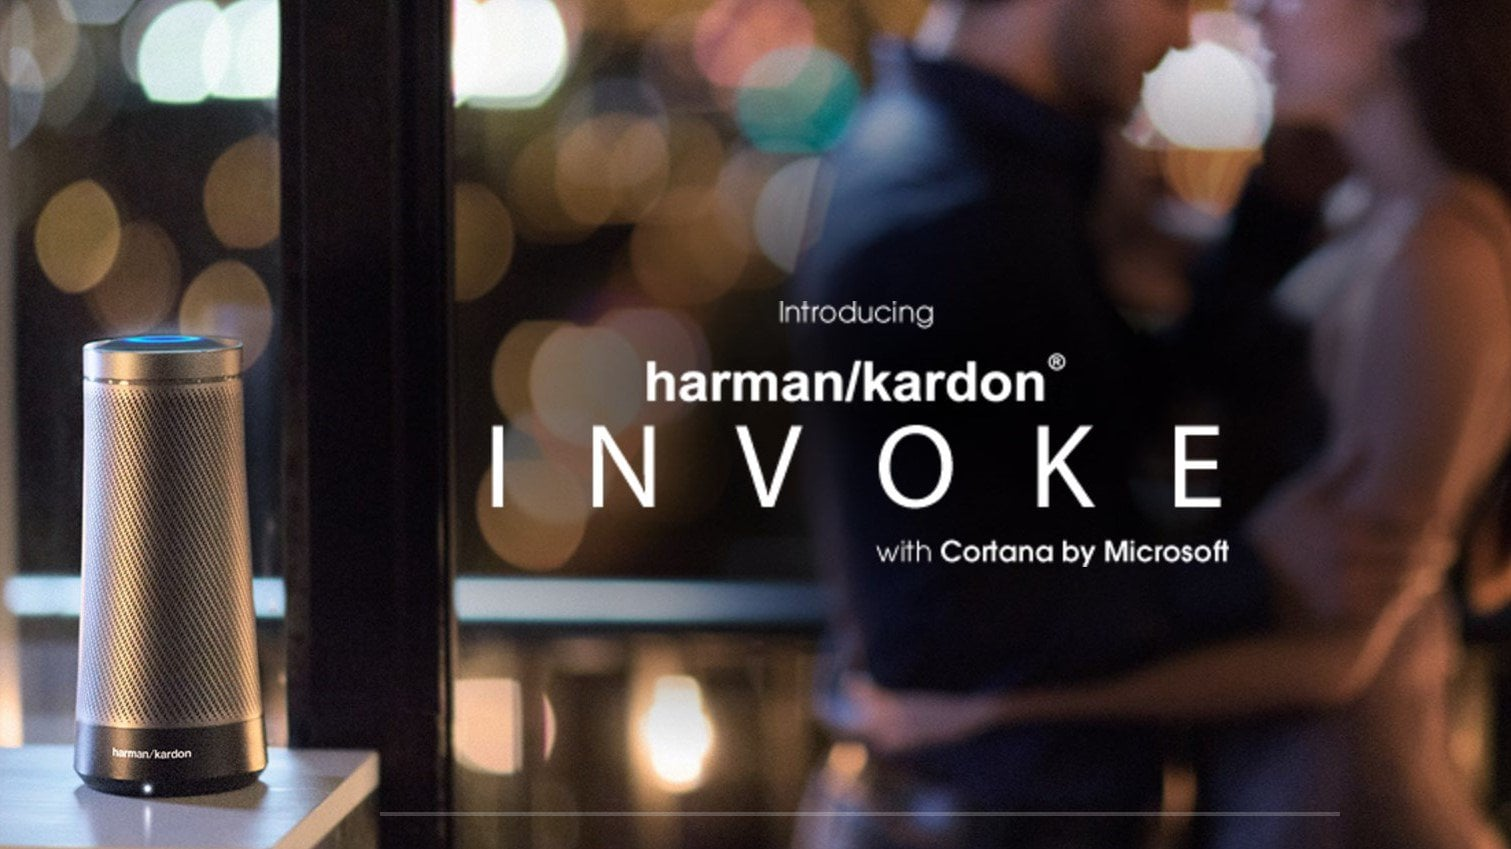 Harman/Kardon Invoke - domowy asystent z Cortaną Microsoftu 17